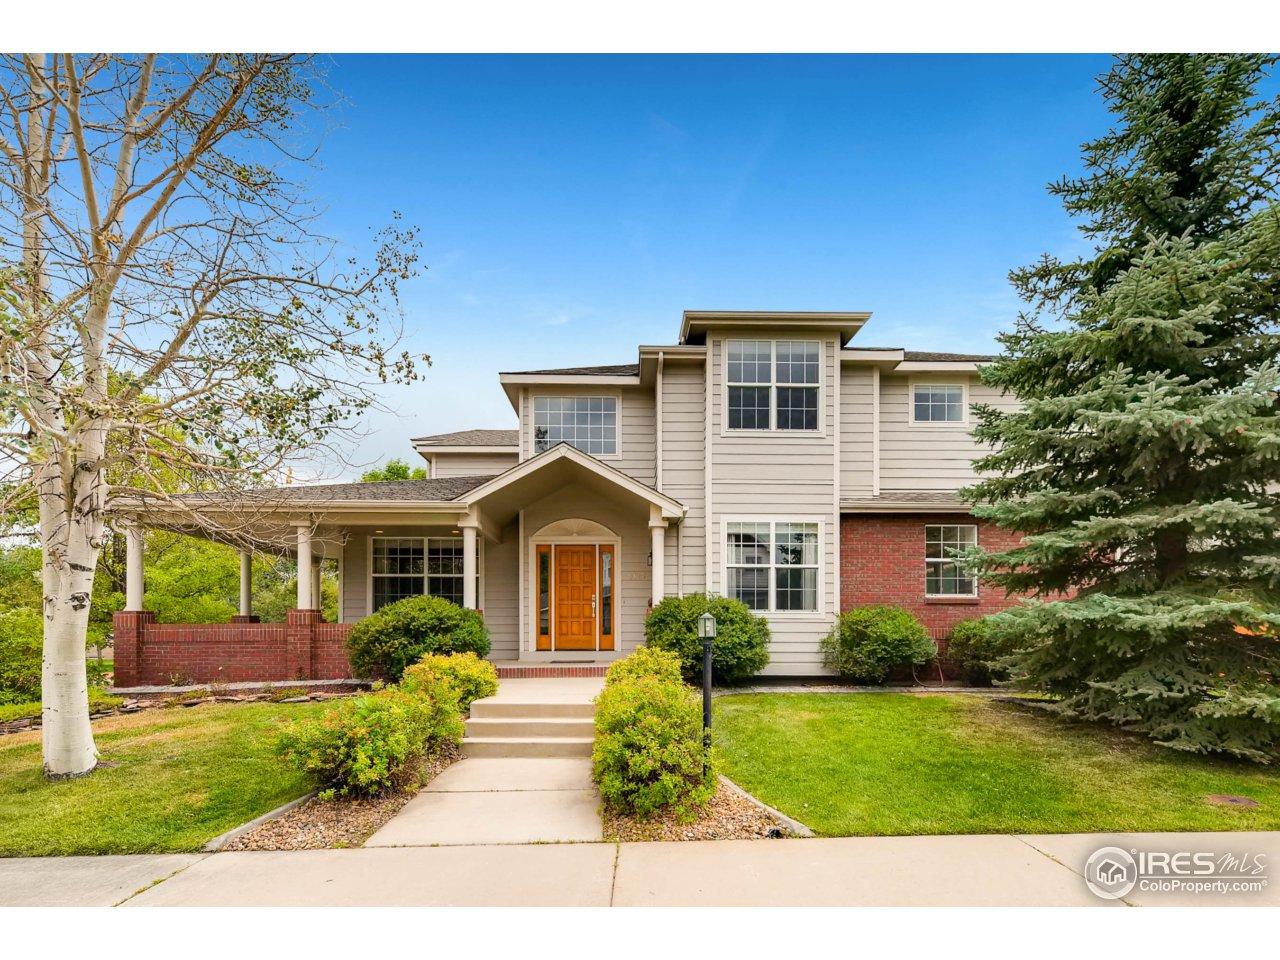 4129 Saint Croix St, Boulder CO 80301